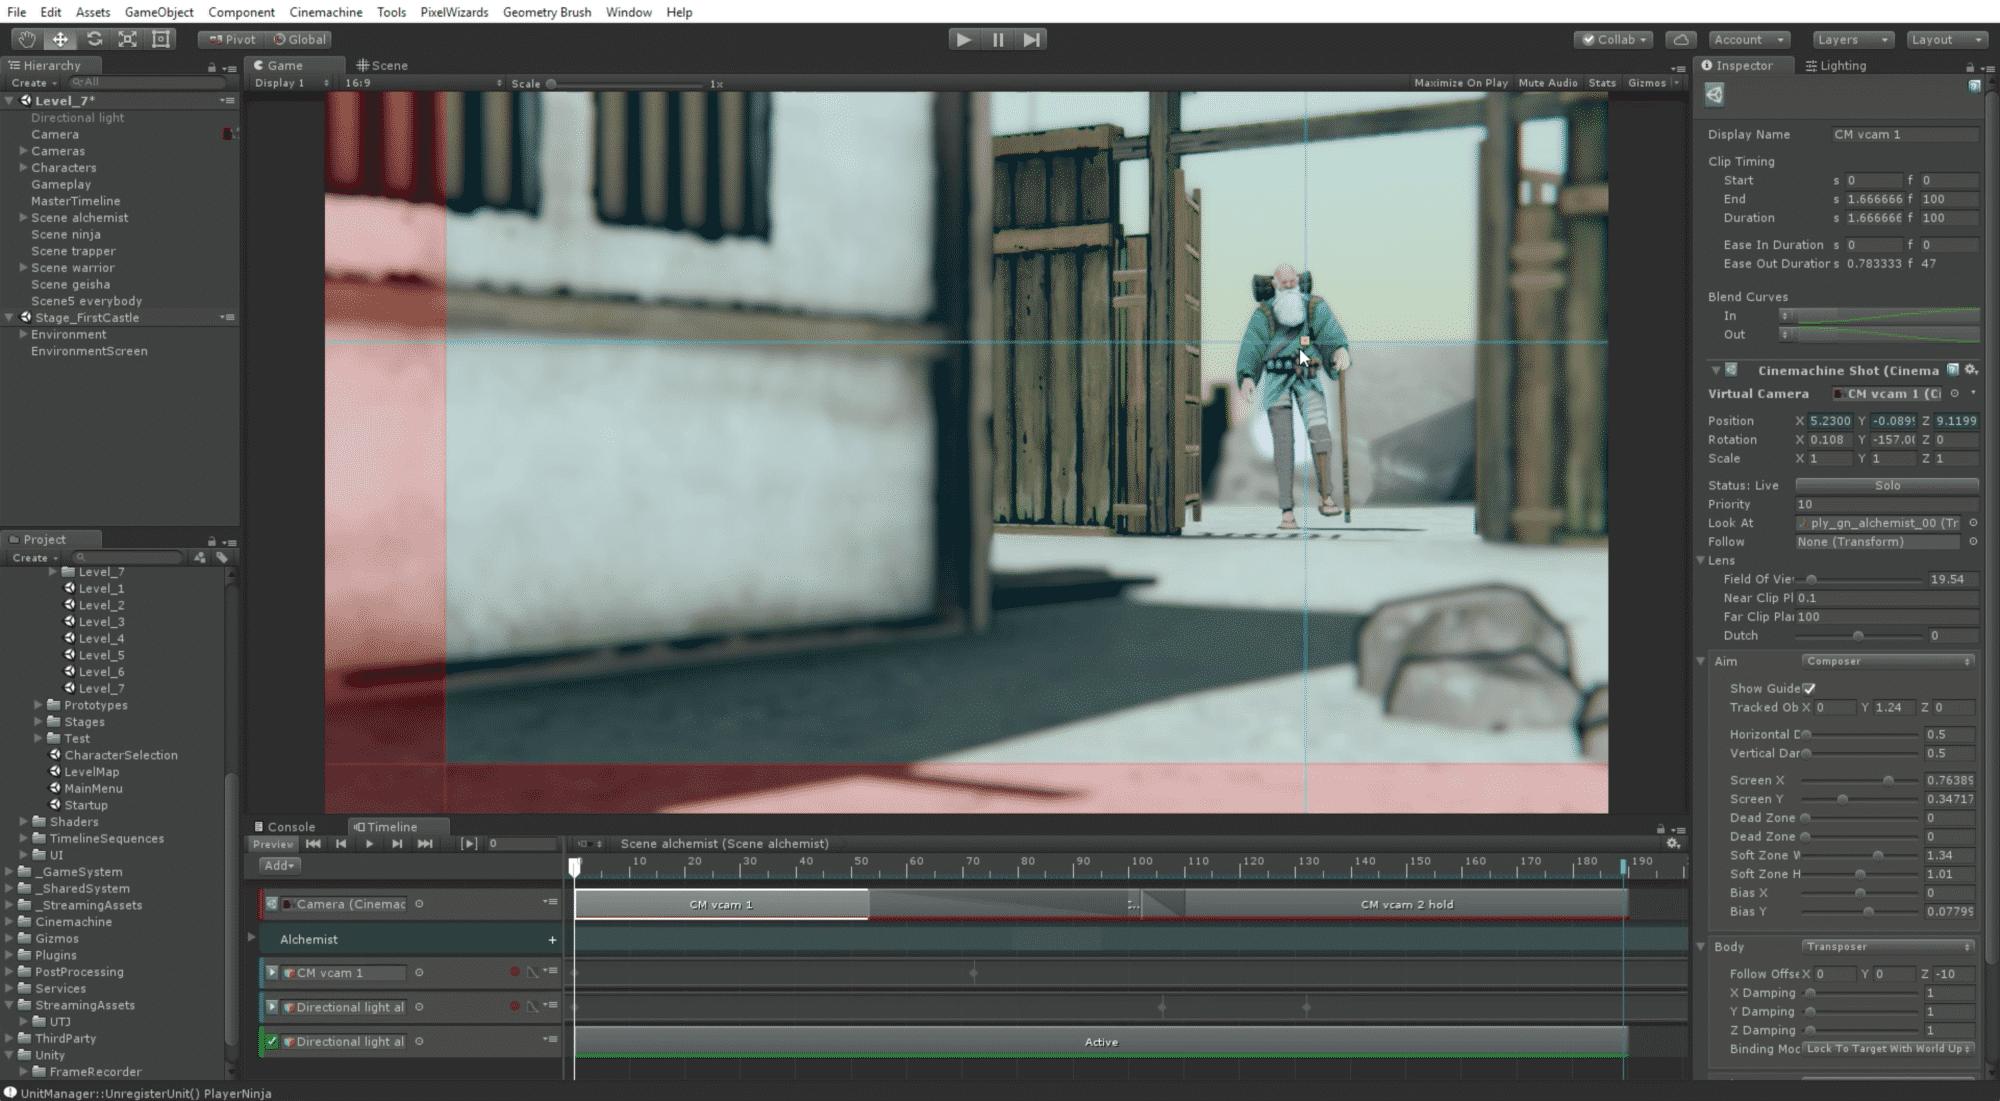 Die neuen Post-Processing-Effekte erlauben ein Color-Grading, wie man es bislang nur von professionellen Videobearbeitungsprogrammen her kannte.